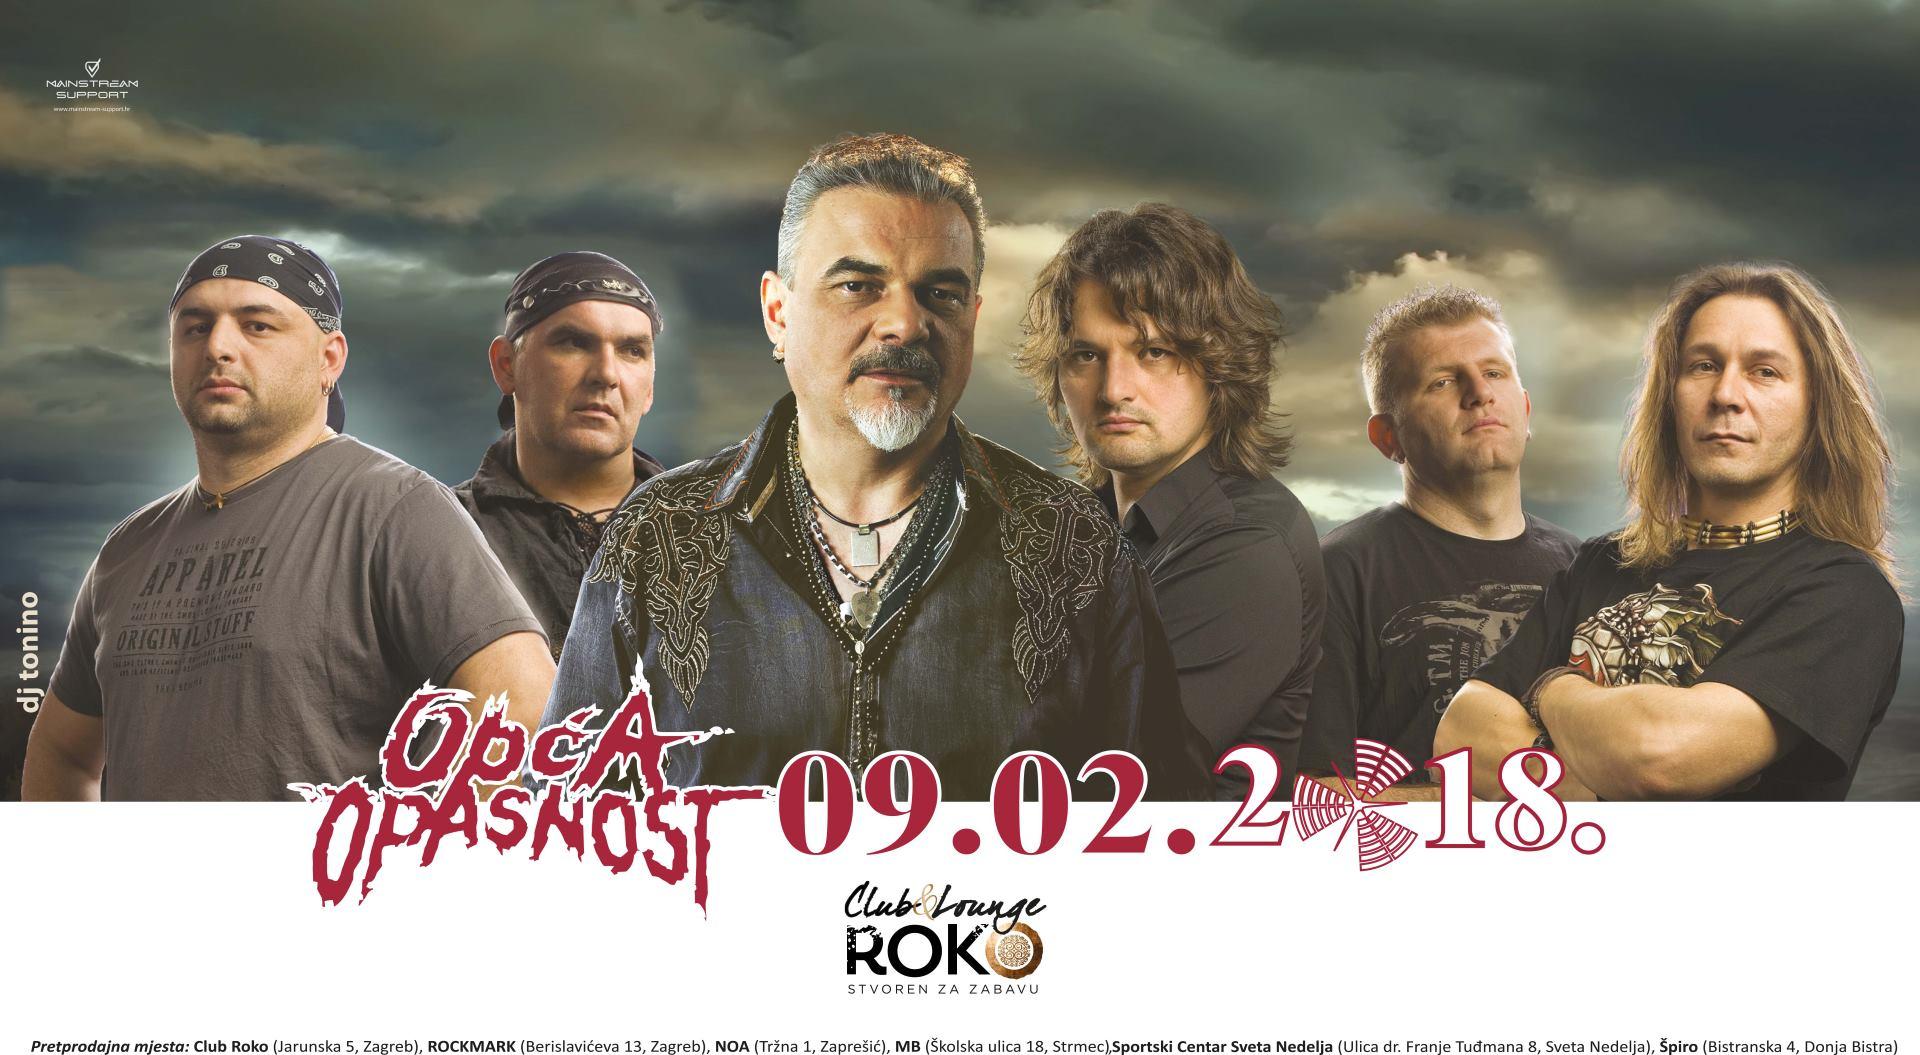 Rock grupa 'Opća Opasnost' će 09. veljače održati koncert u Zagrebu